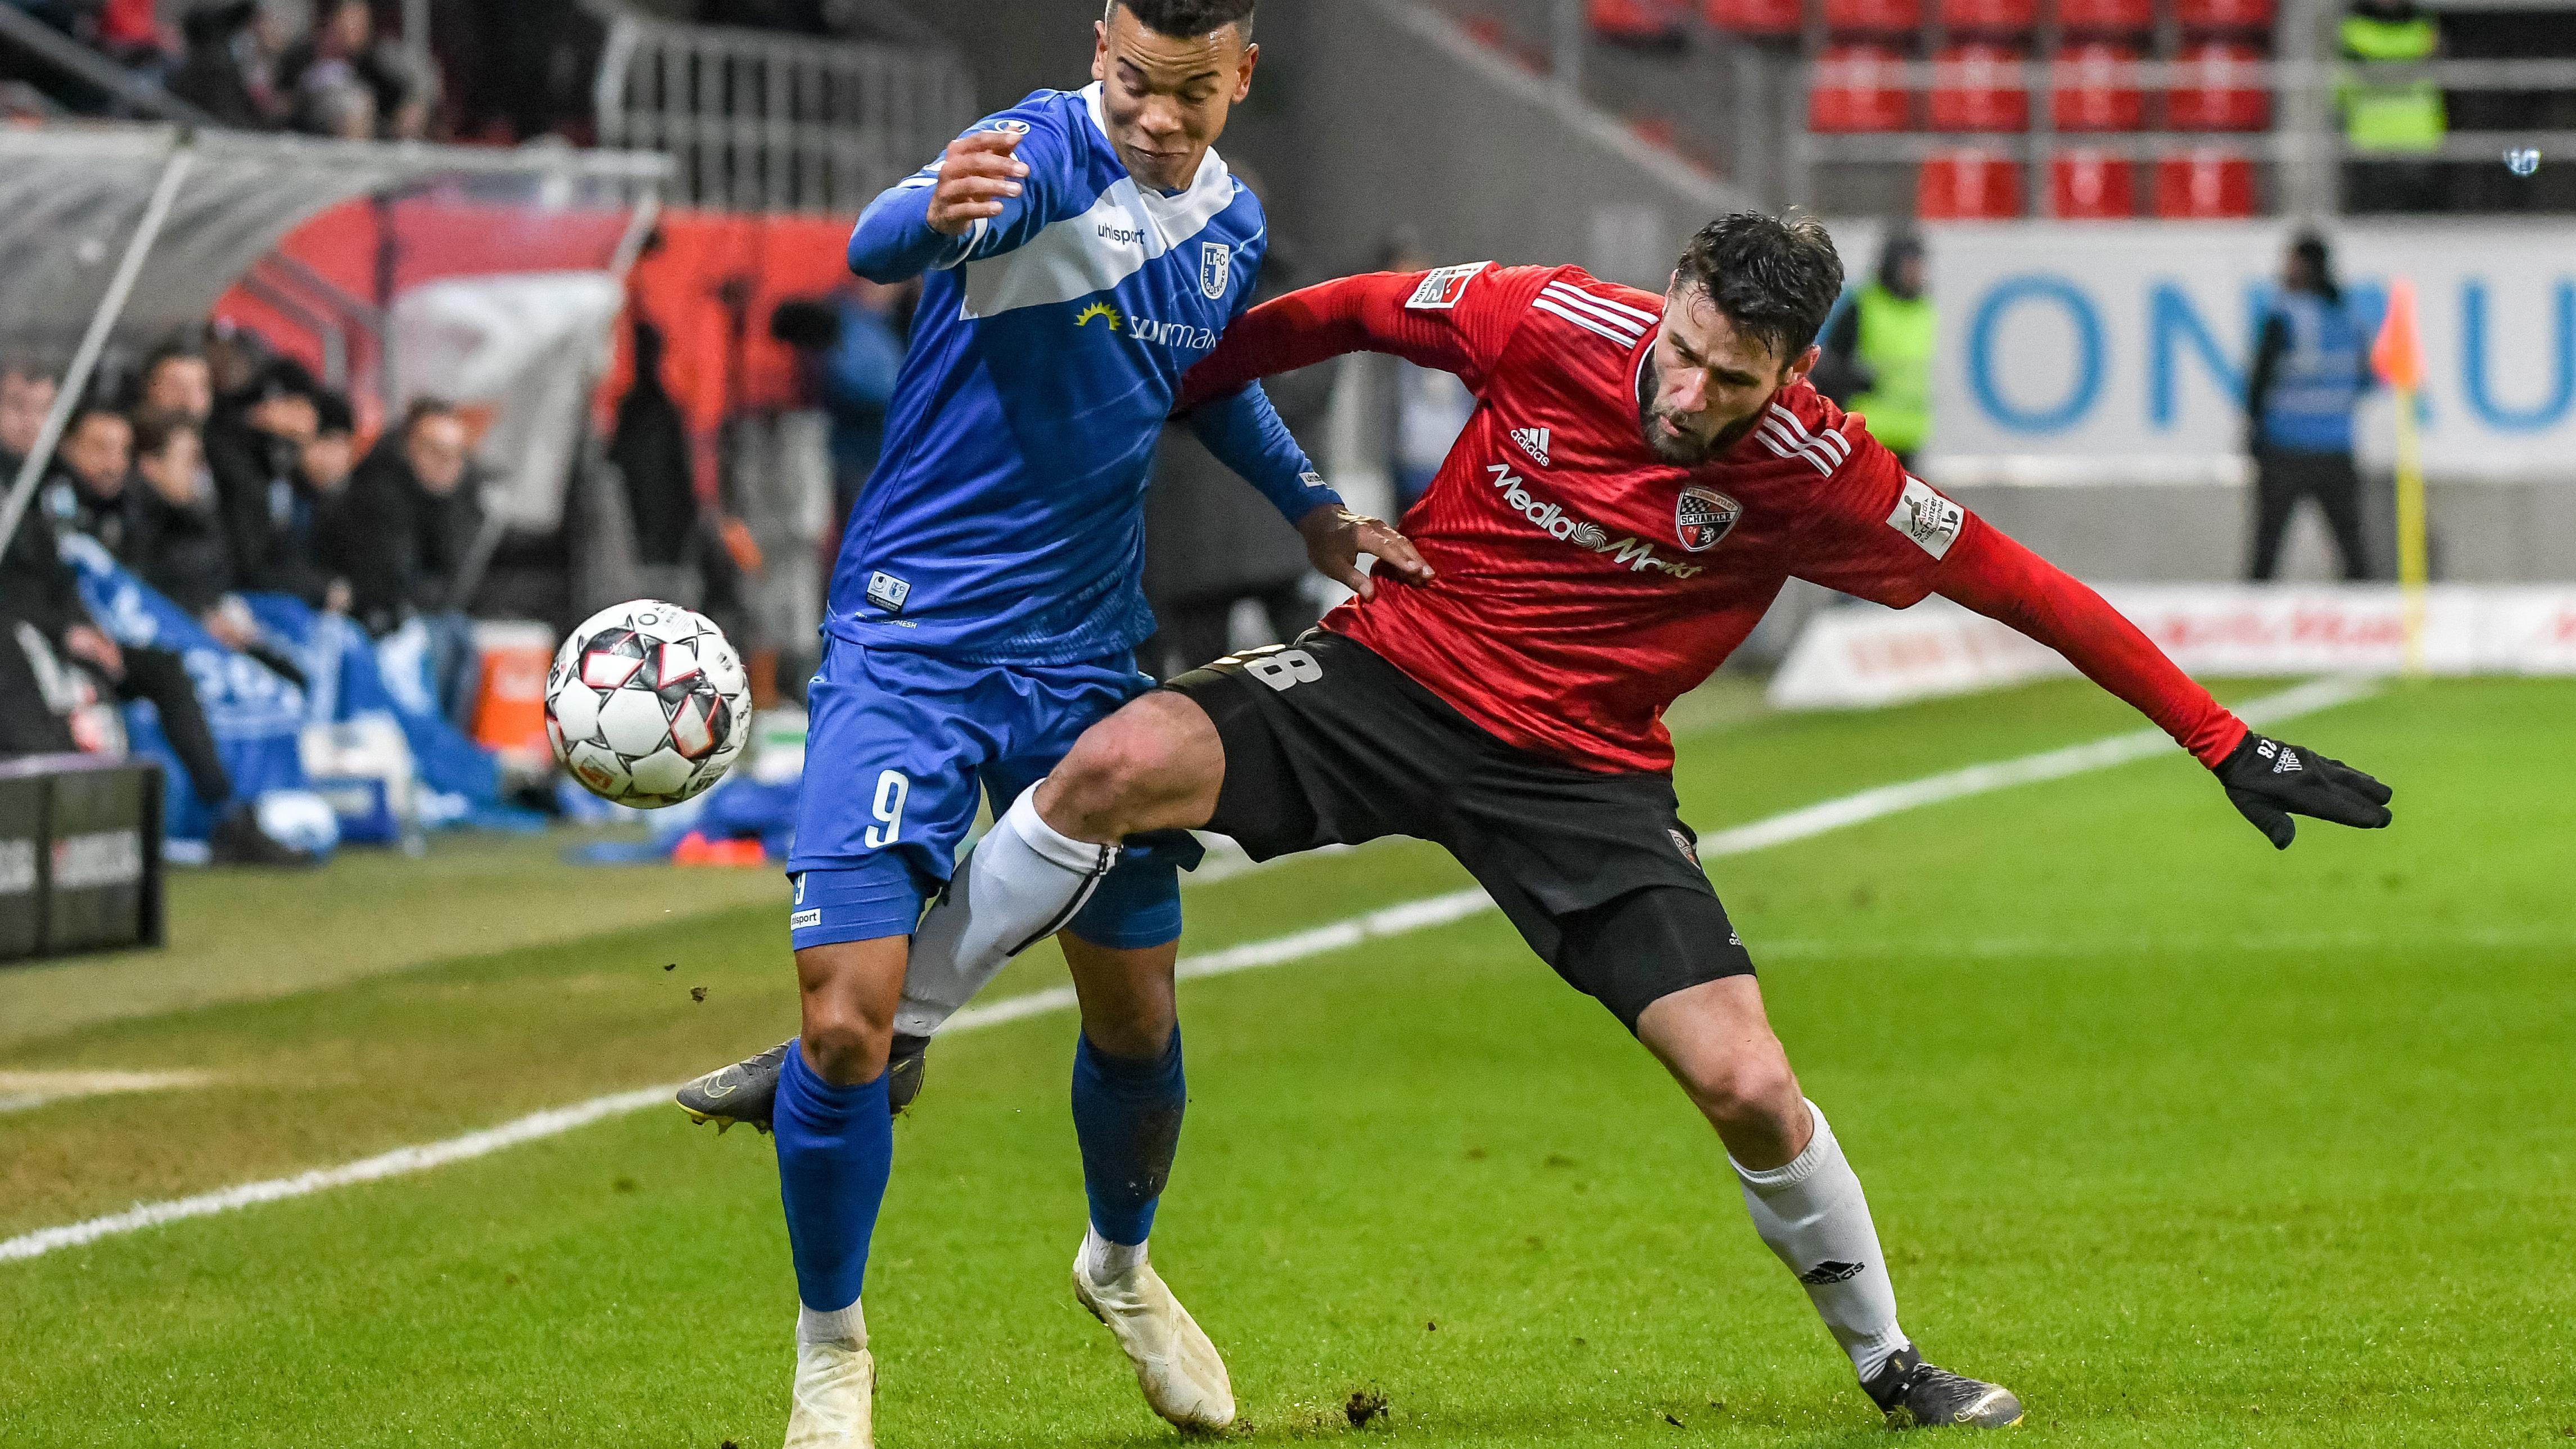 Christian Träsch (r.) von Ingolstadt und Marcel Costly von Magdeburg kämpfen um den Ball